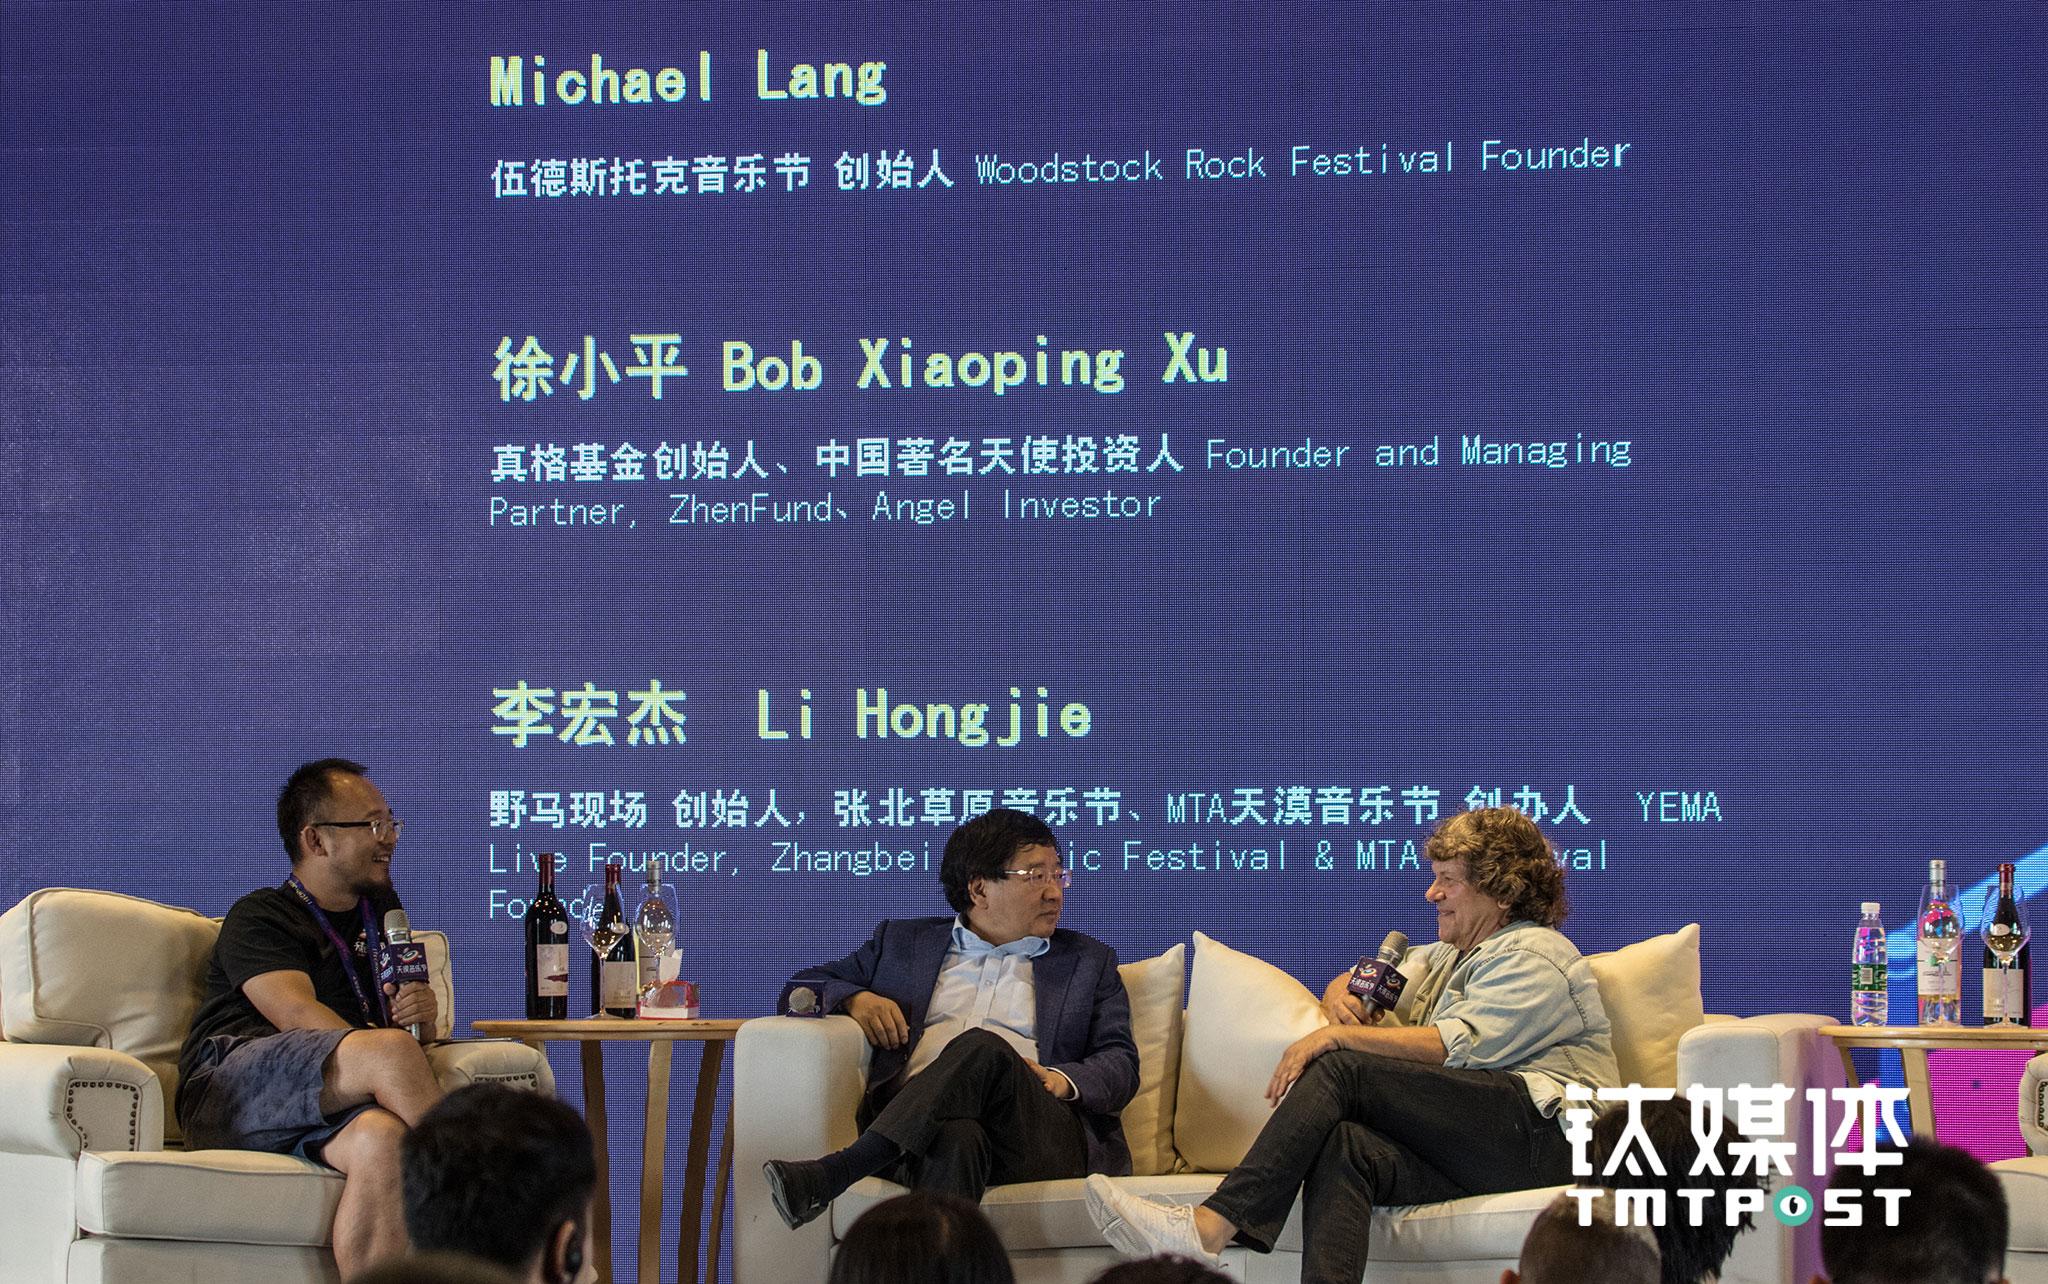 李宏杰(左)徐小平(中)Michael Lang(右)